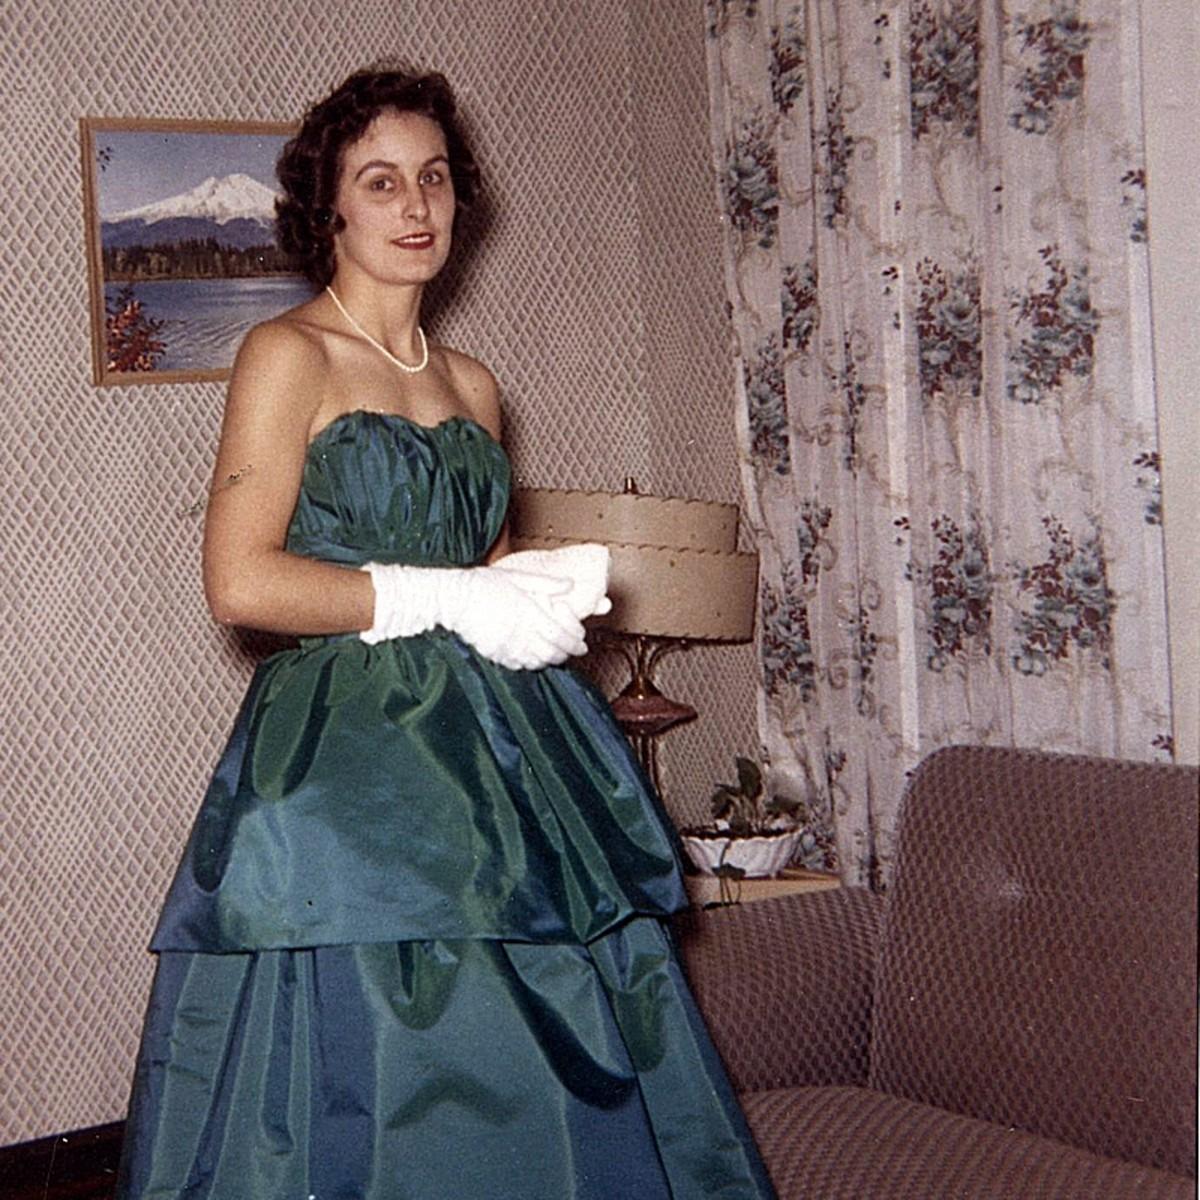 Mom at 26